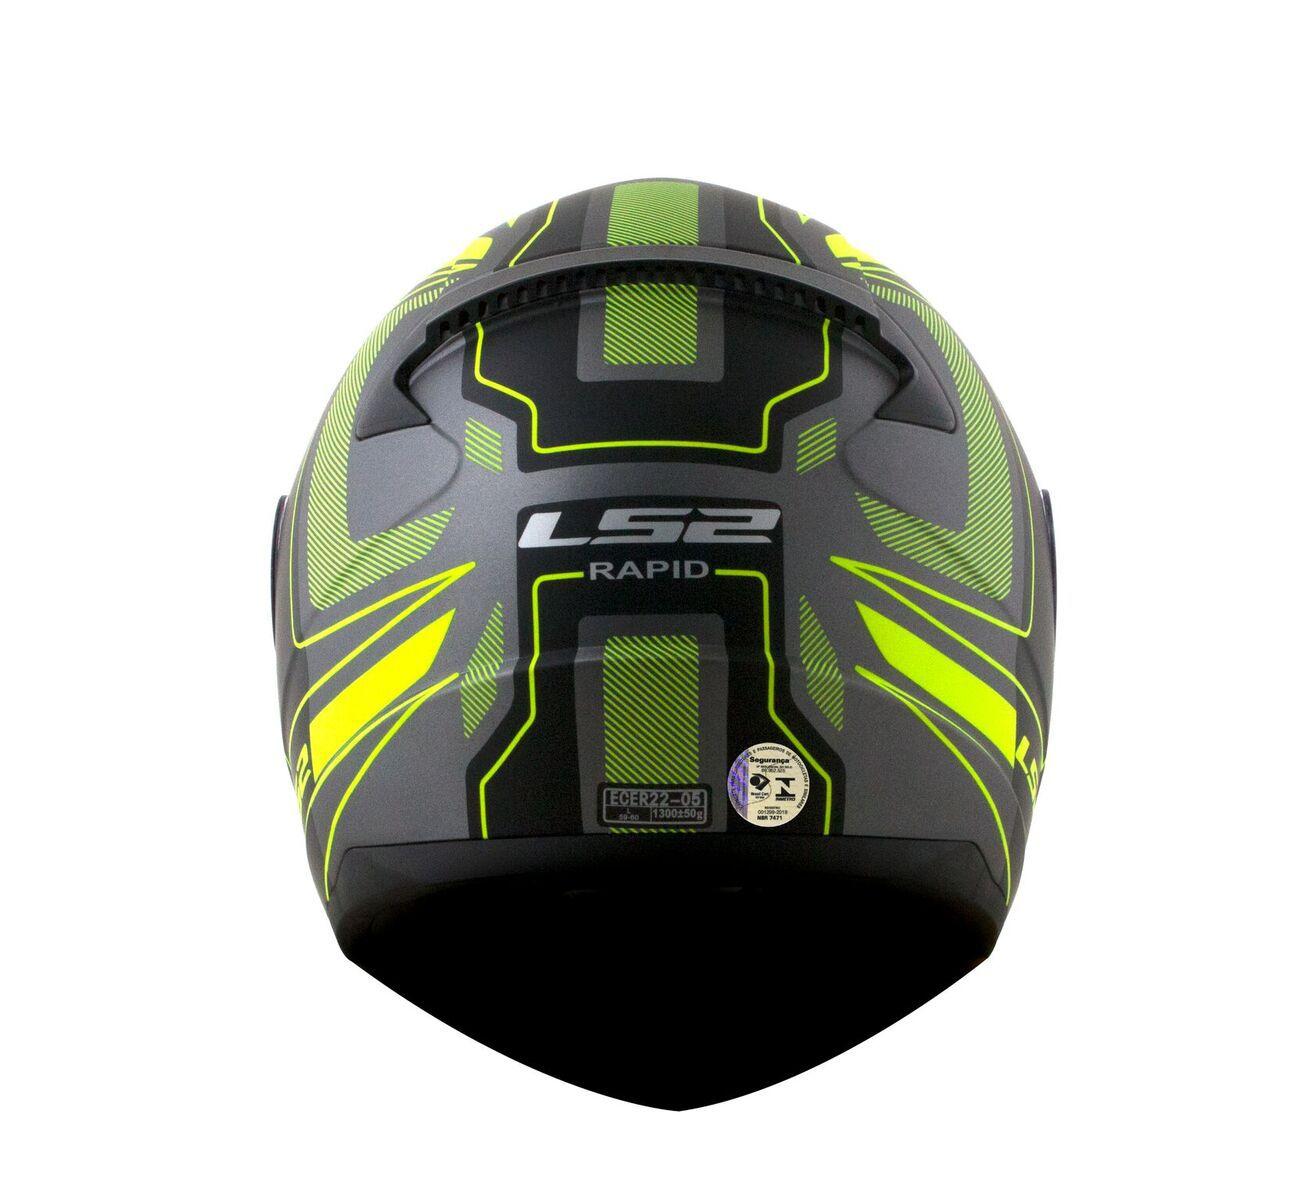 Capacete LS2 FF353 Rapid Carrera Preto e Amarelo Fluo Fosco